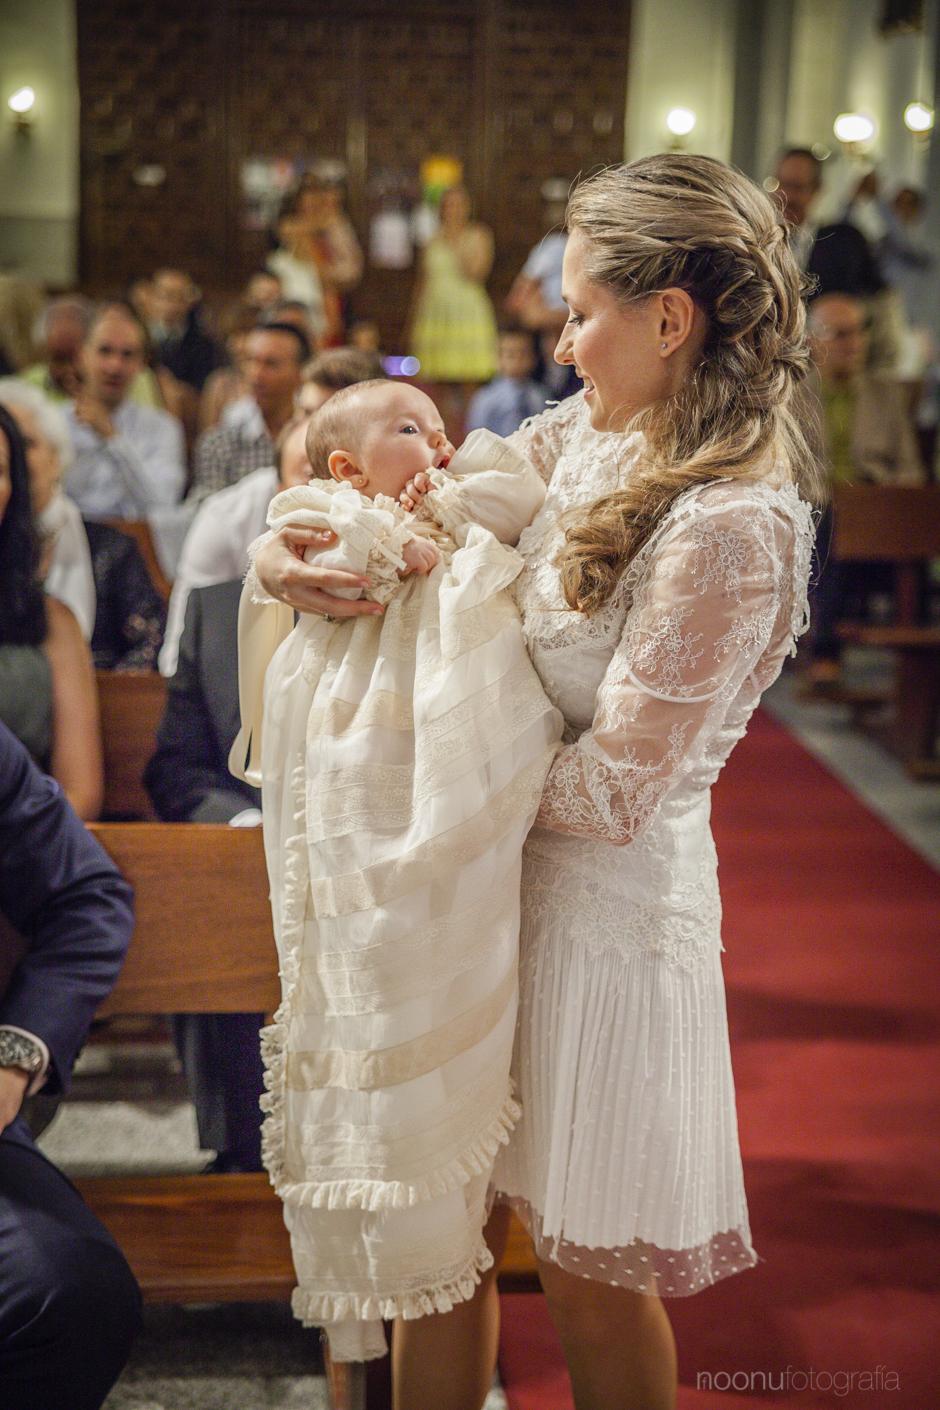 Noonu-fotografo-bautizo-madrid-Valentina 14